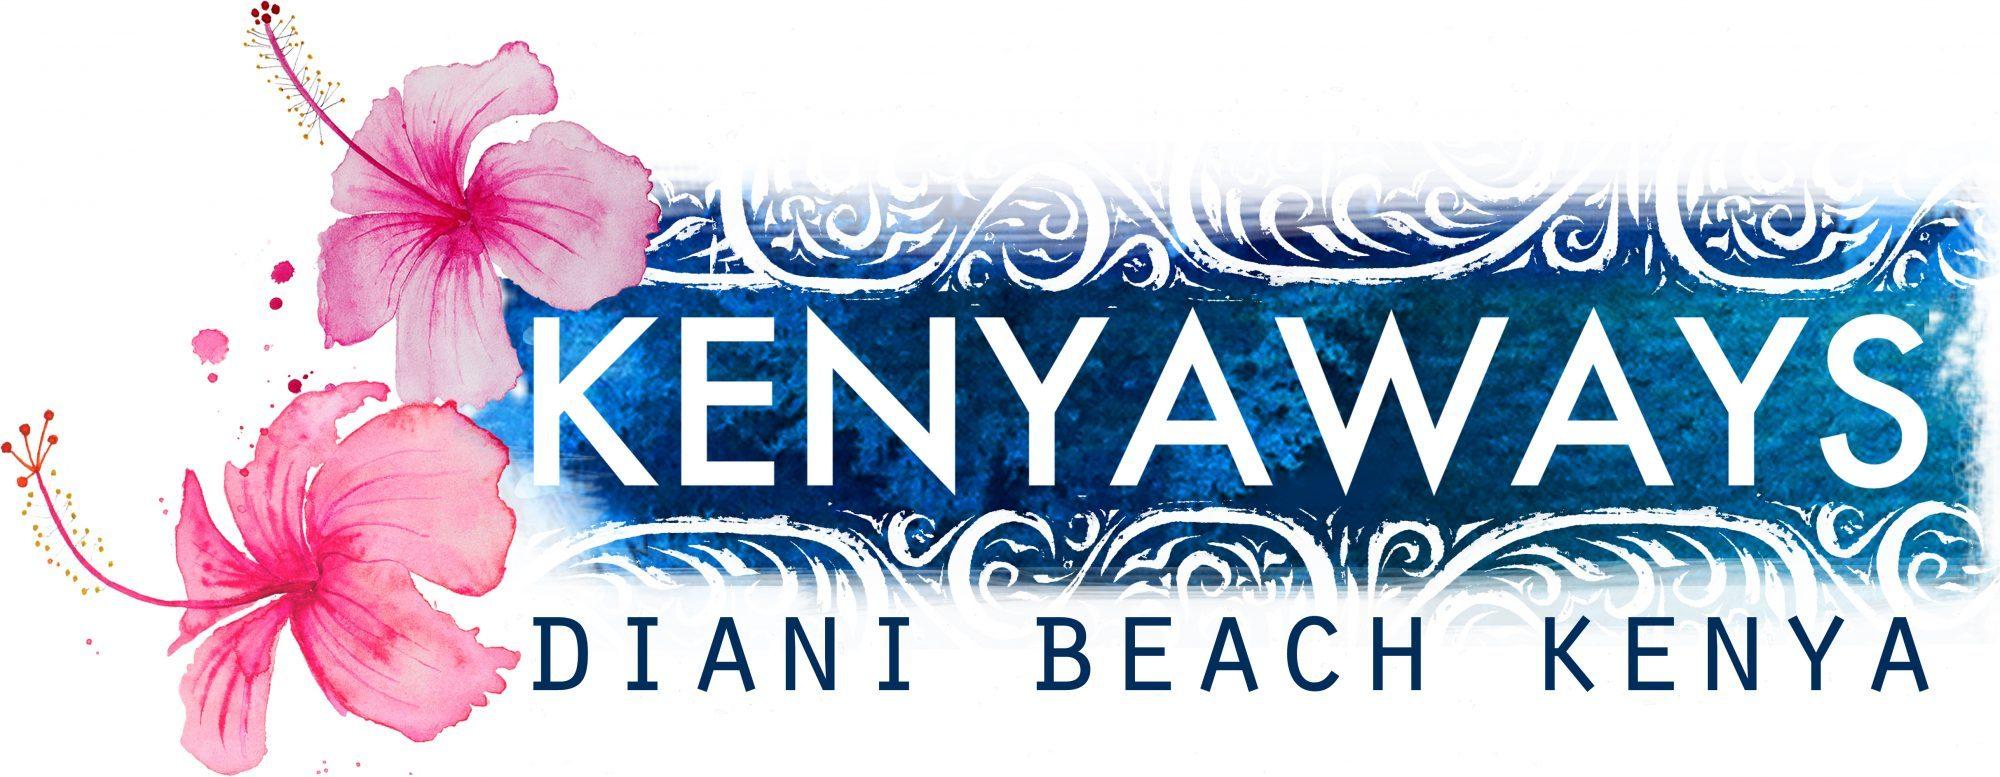 Kenyaways Kite Village – Kenya